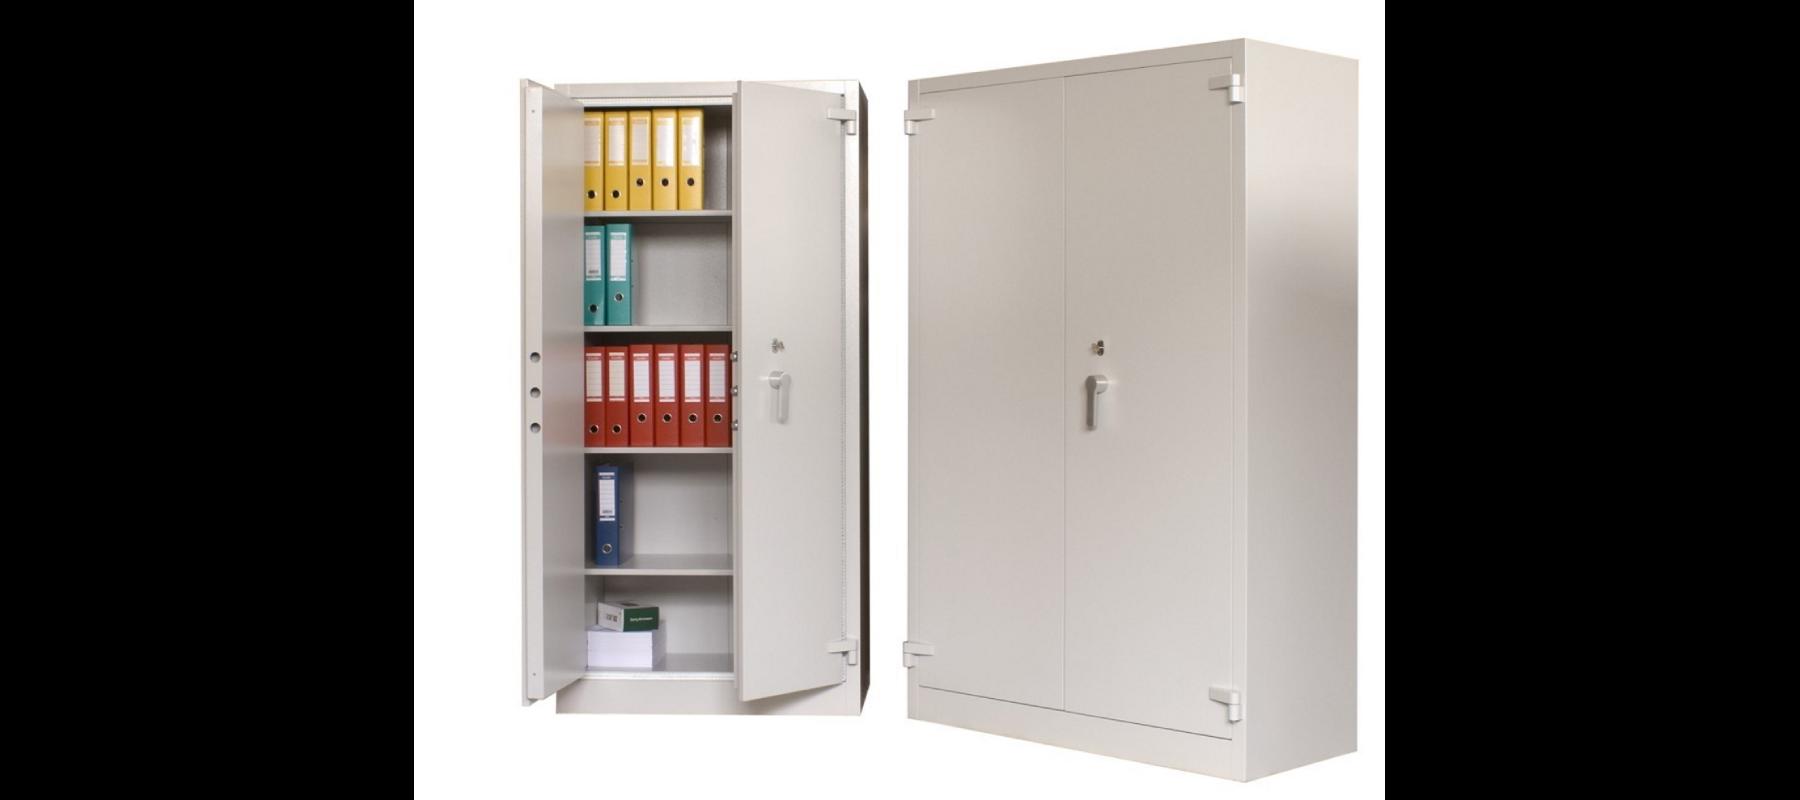 meble metalowe sejfy i szafy pancerne szafy aktowe wzmocnione mw aranżacje - 04